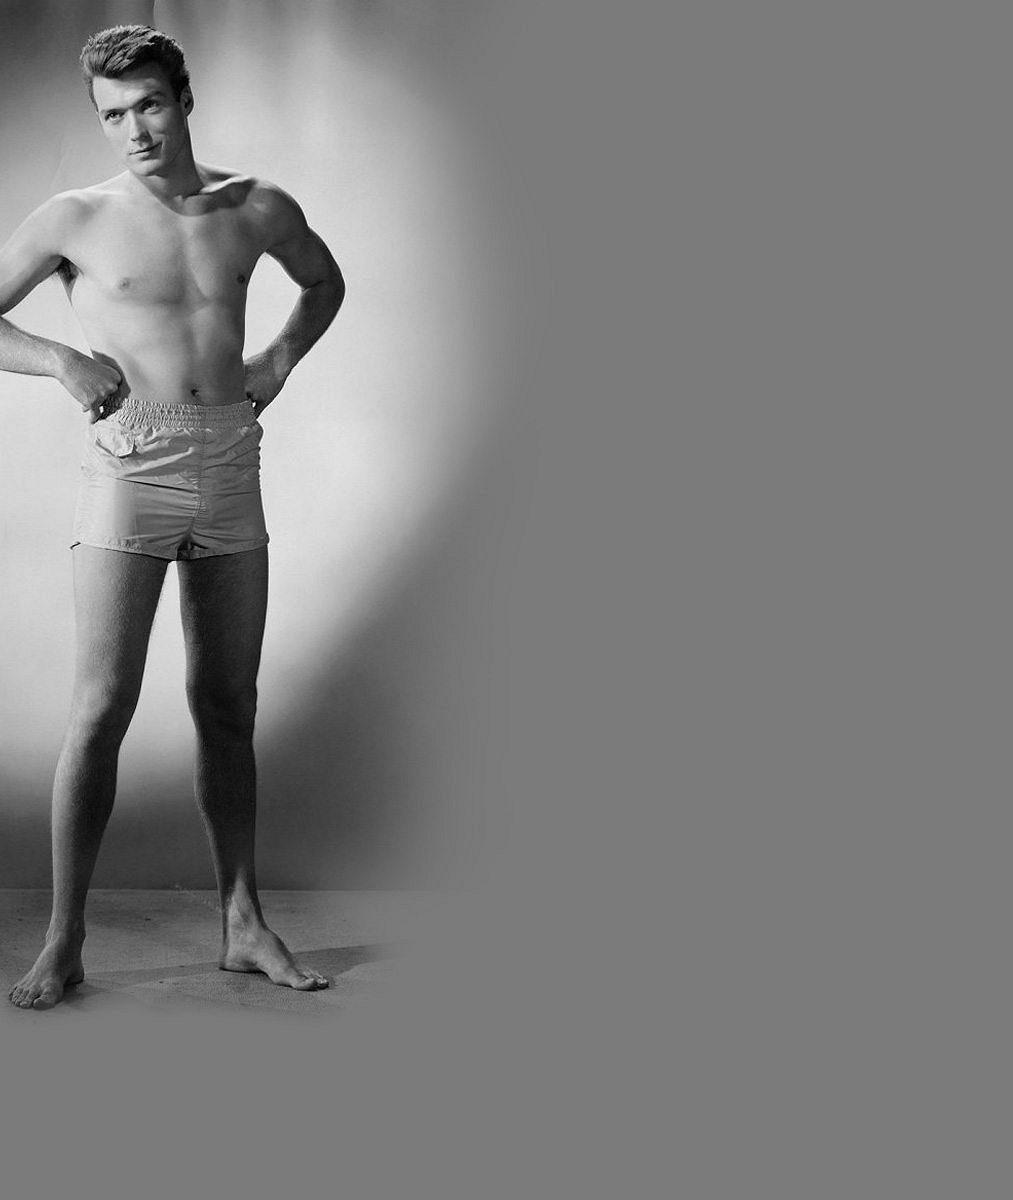 Poznáte frajírka v upnutých šortkách? Na popularitu dlouho čekal a zplodil celkem 7 dětí